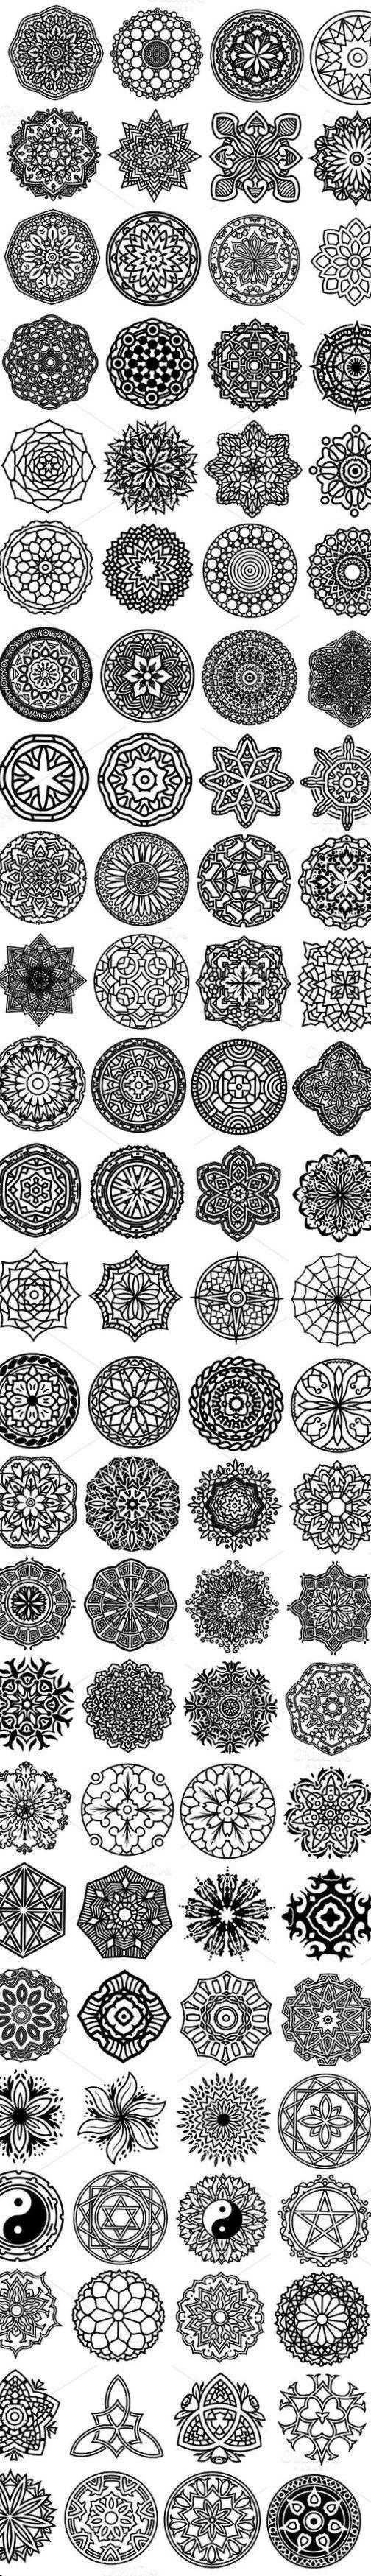 Die besten 25 full neck tattoos ideen auf pinterest for Aztec tattoo shop phoenix az